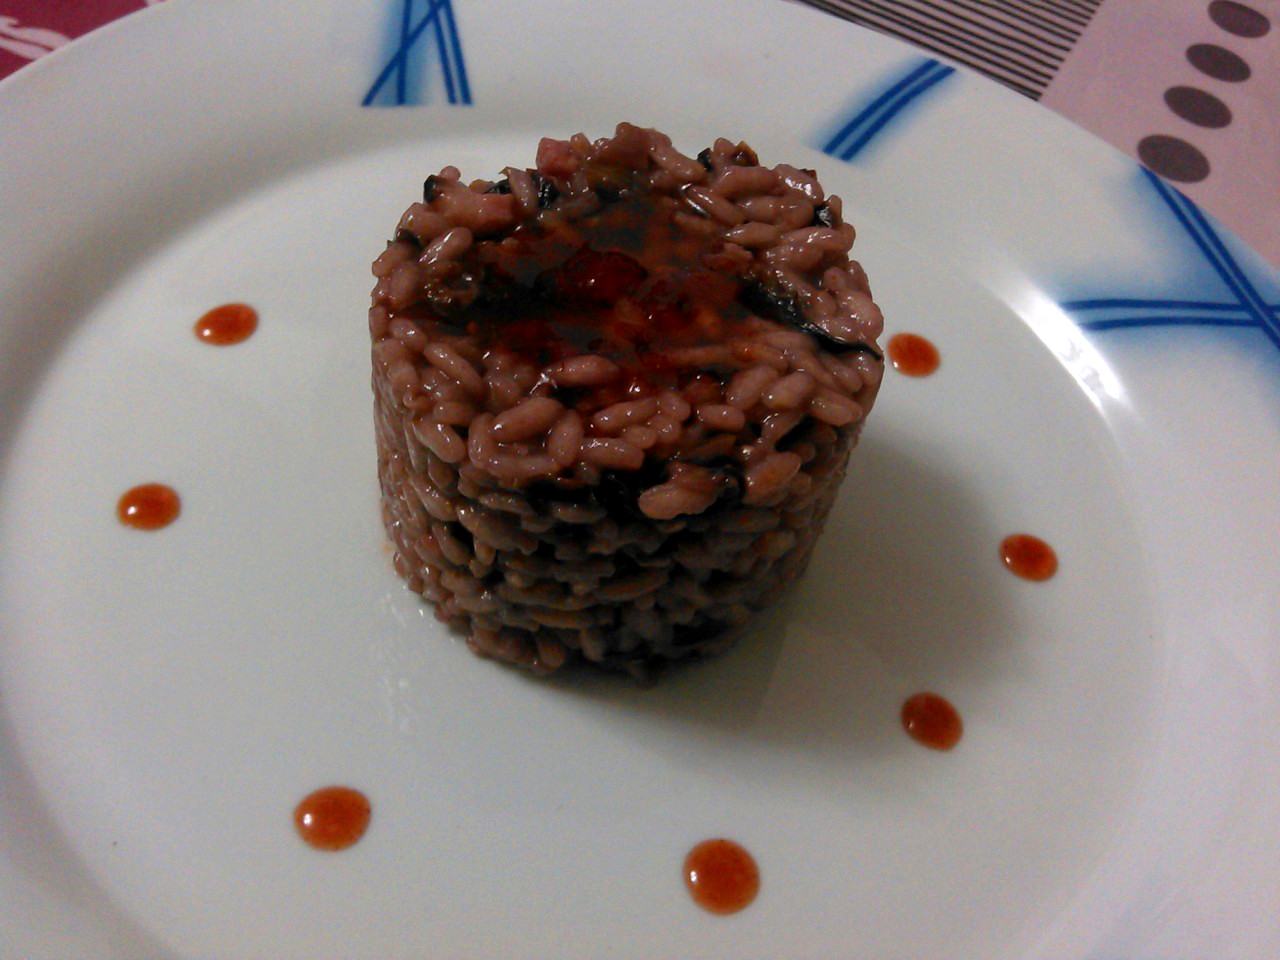 Risotto al lambrusco,radicchio,pancetta e marmellata di fragole con zenzero e balsamico